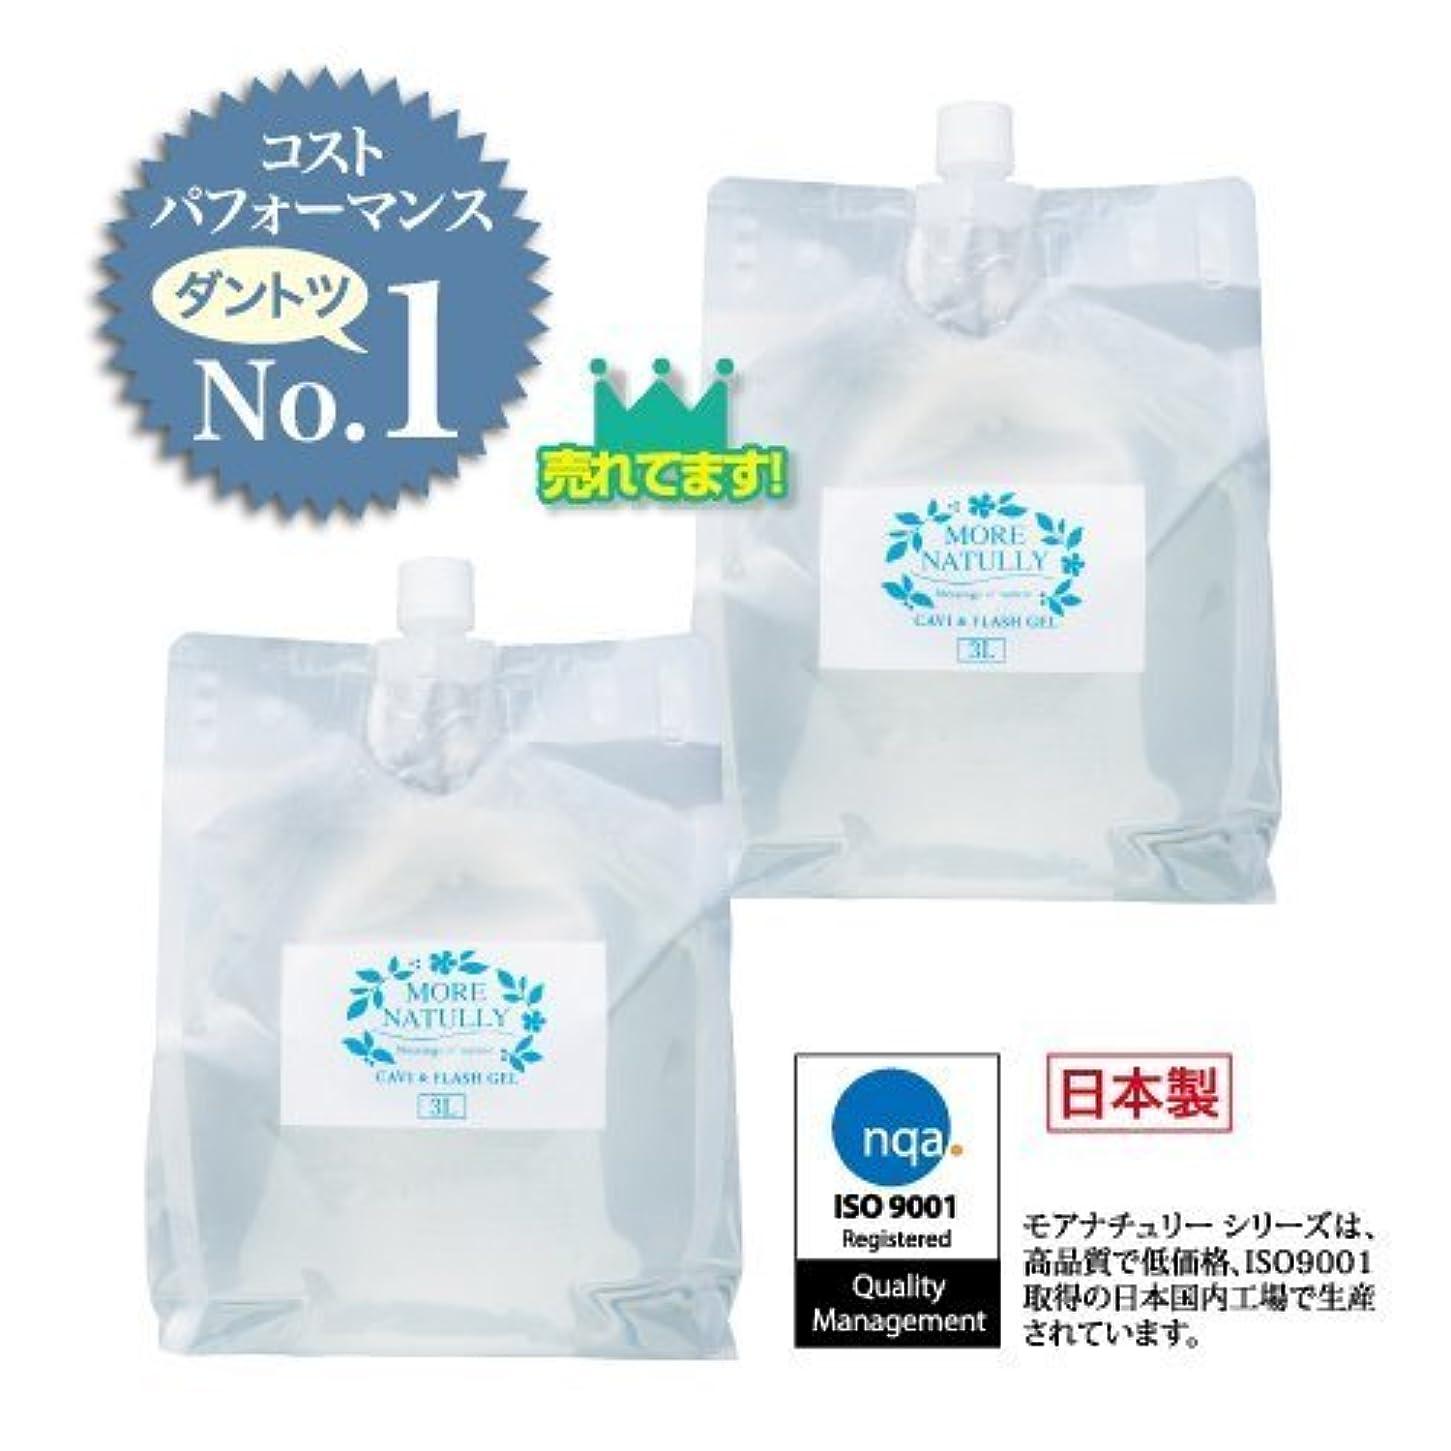 フェデレーションクラブ理容師モアナチュリー キャビ&フラッシュジェル 【ソフト】3kg×2袋